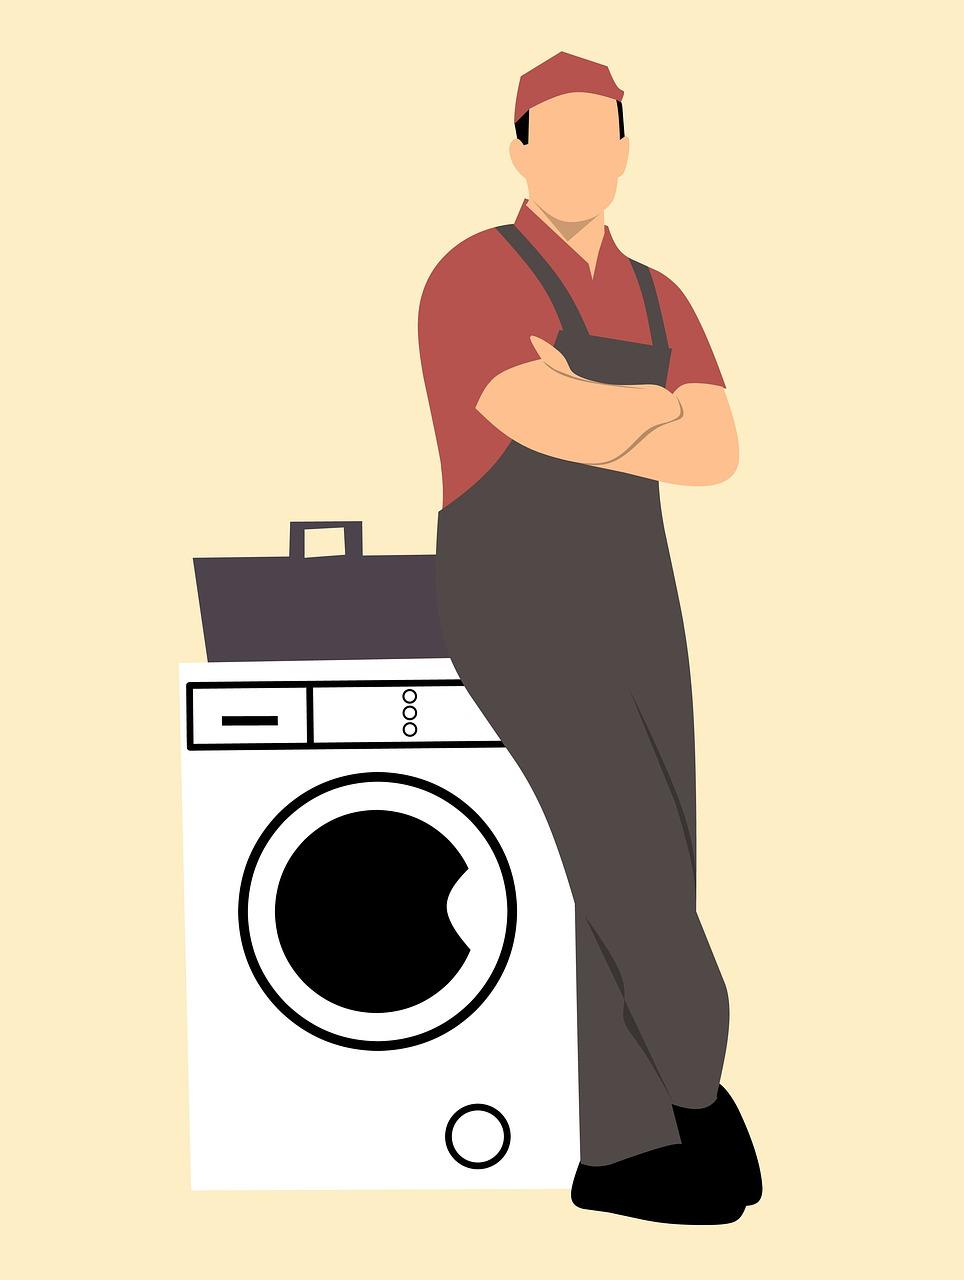 Un souci de plomberie nécessite un plombier